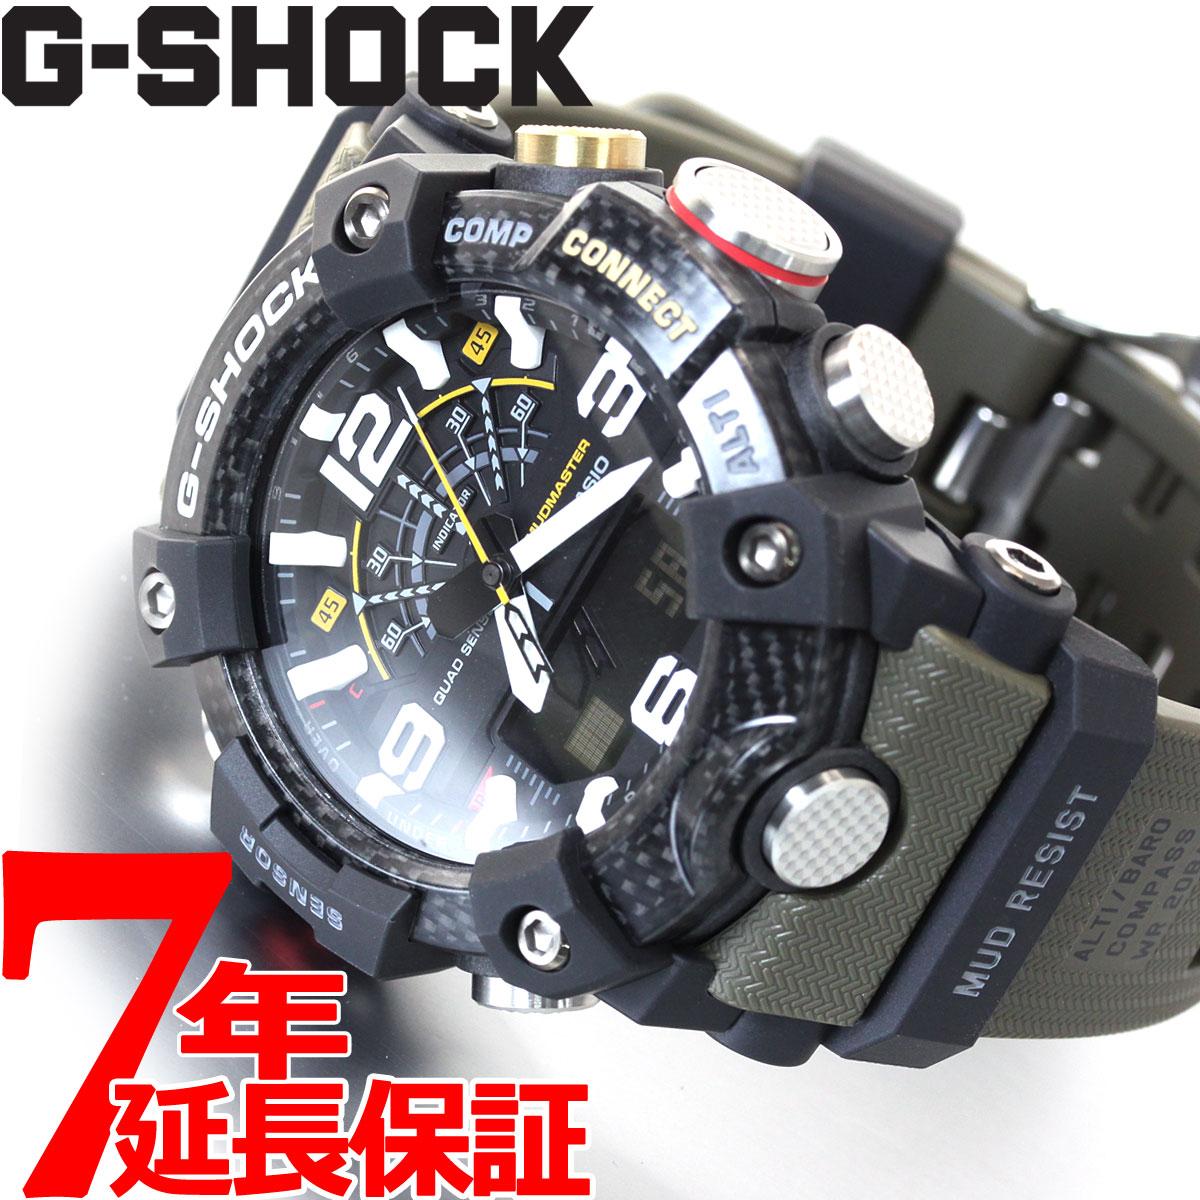 【5日0時~♪2000円OFFクーポン&店内ポイント最大51倍!5日23時59分まで】G-SHOCK カシオ Gショック マッドマスター CASIO 腕時計 メンズ MASTER OF G GG-B100-1A3JF